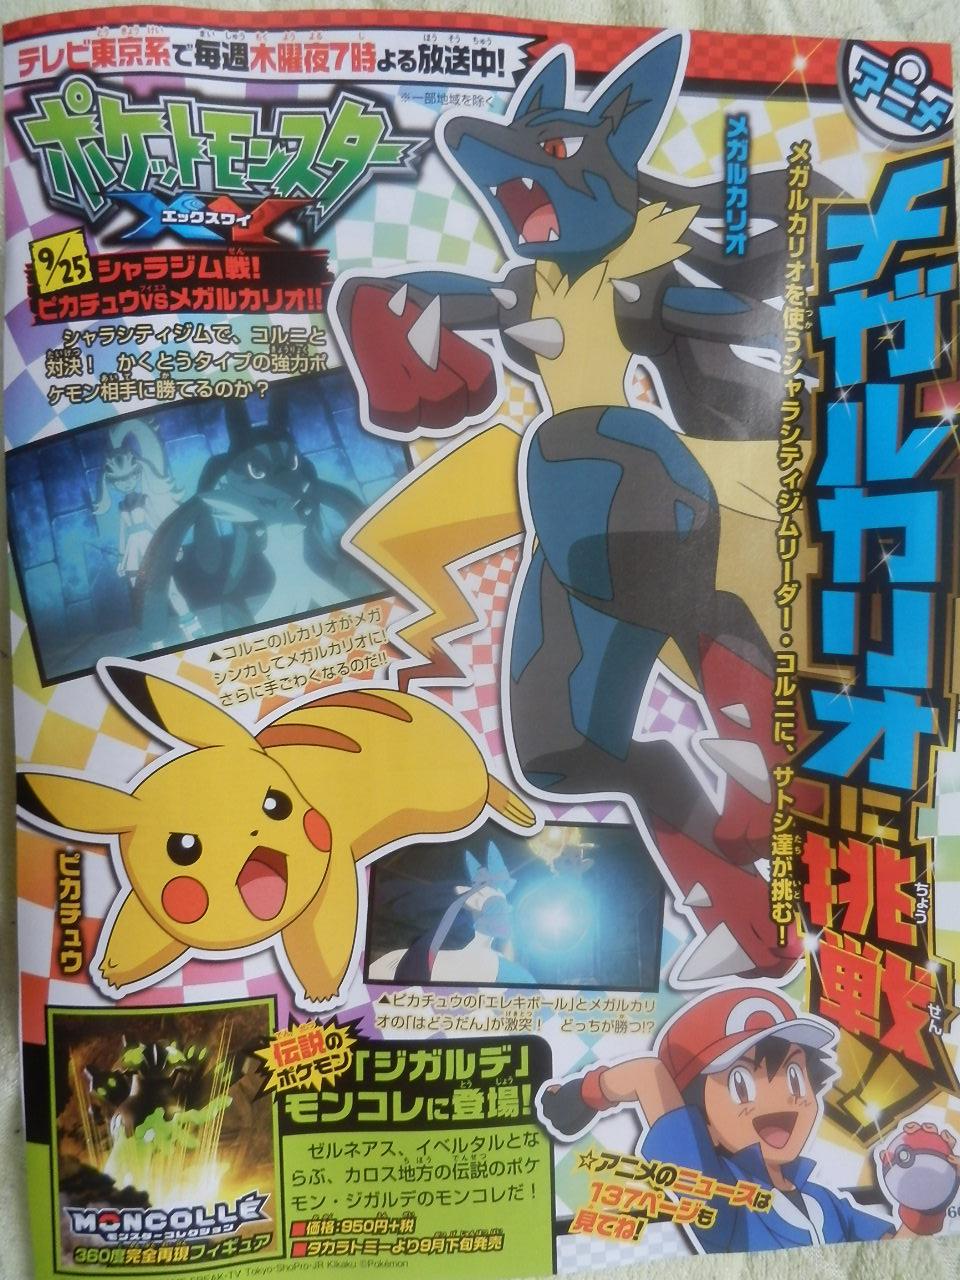 Pikachu_contro_MegaLucario_lotta_contro_Ornella_Palestra_di_Yantaropoli_pokemontimes-it